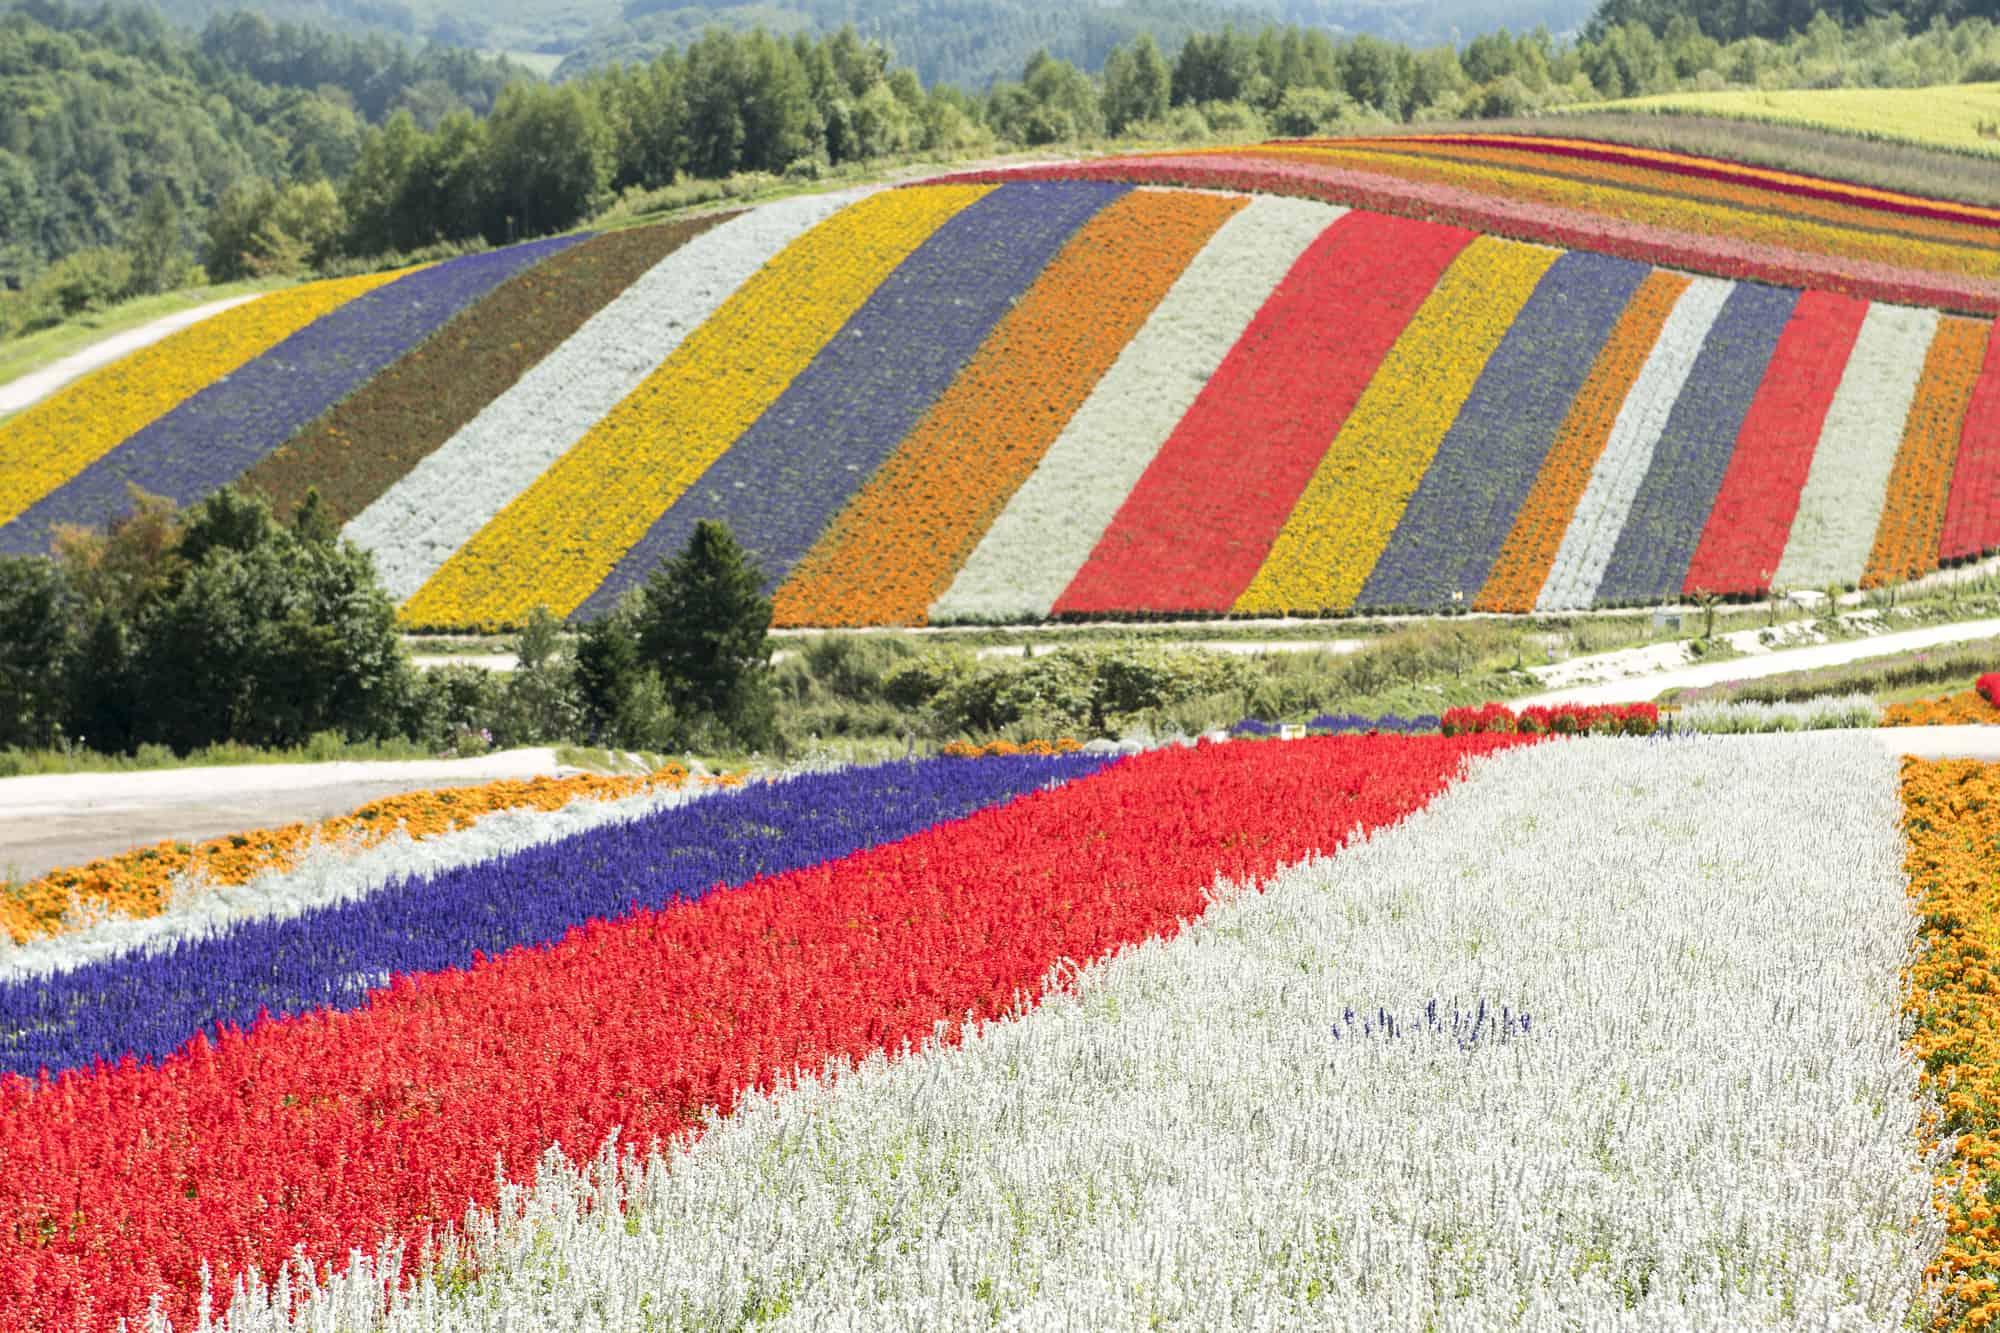 ทุ่งดอกไม้หลากสีที่ Shikisai-no-oka ในฮอกไกโด